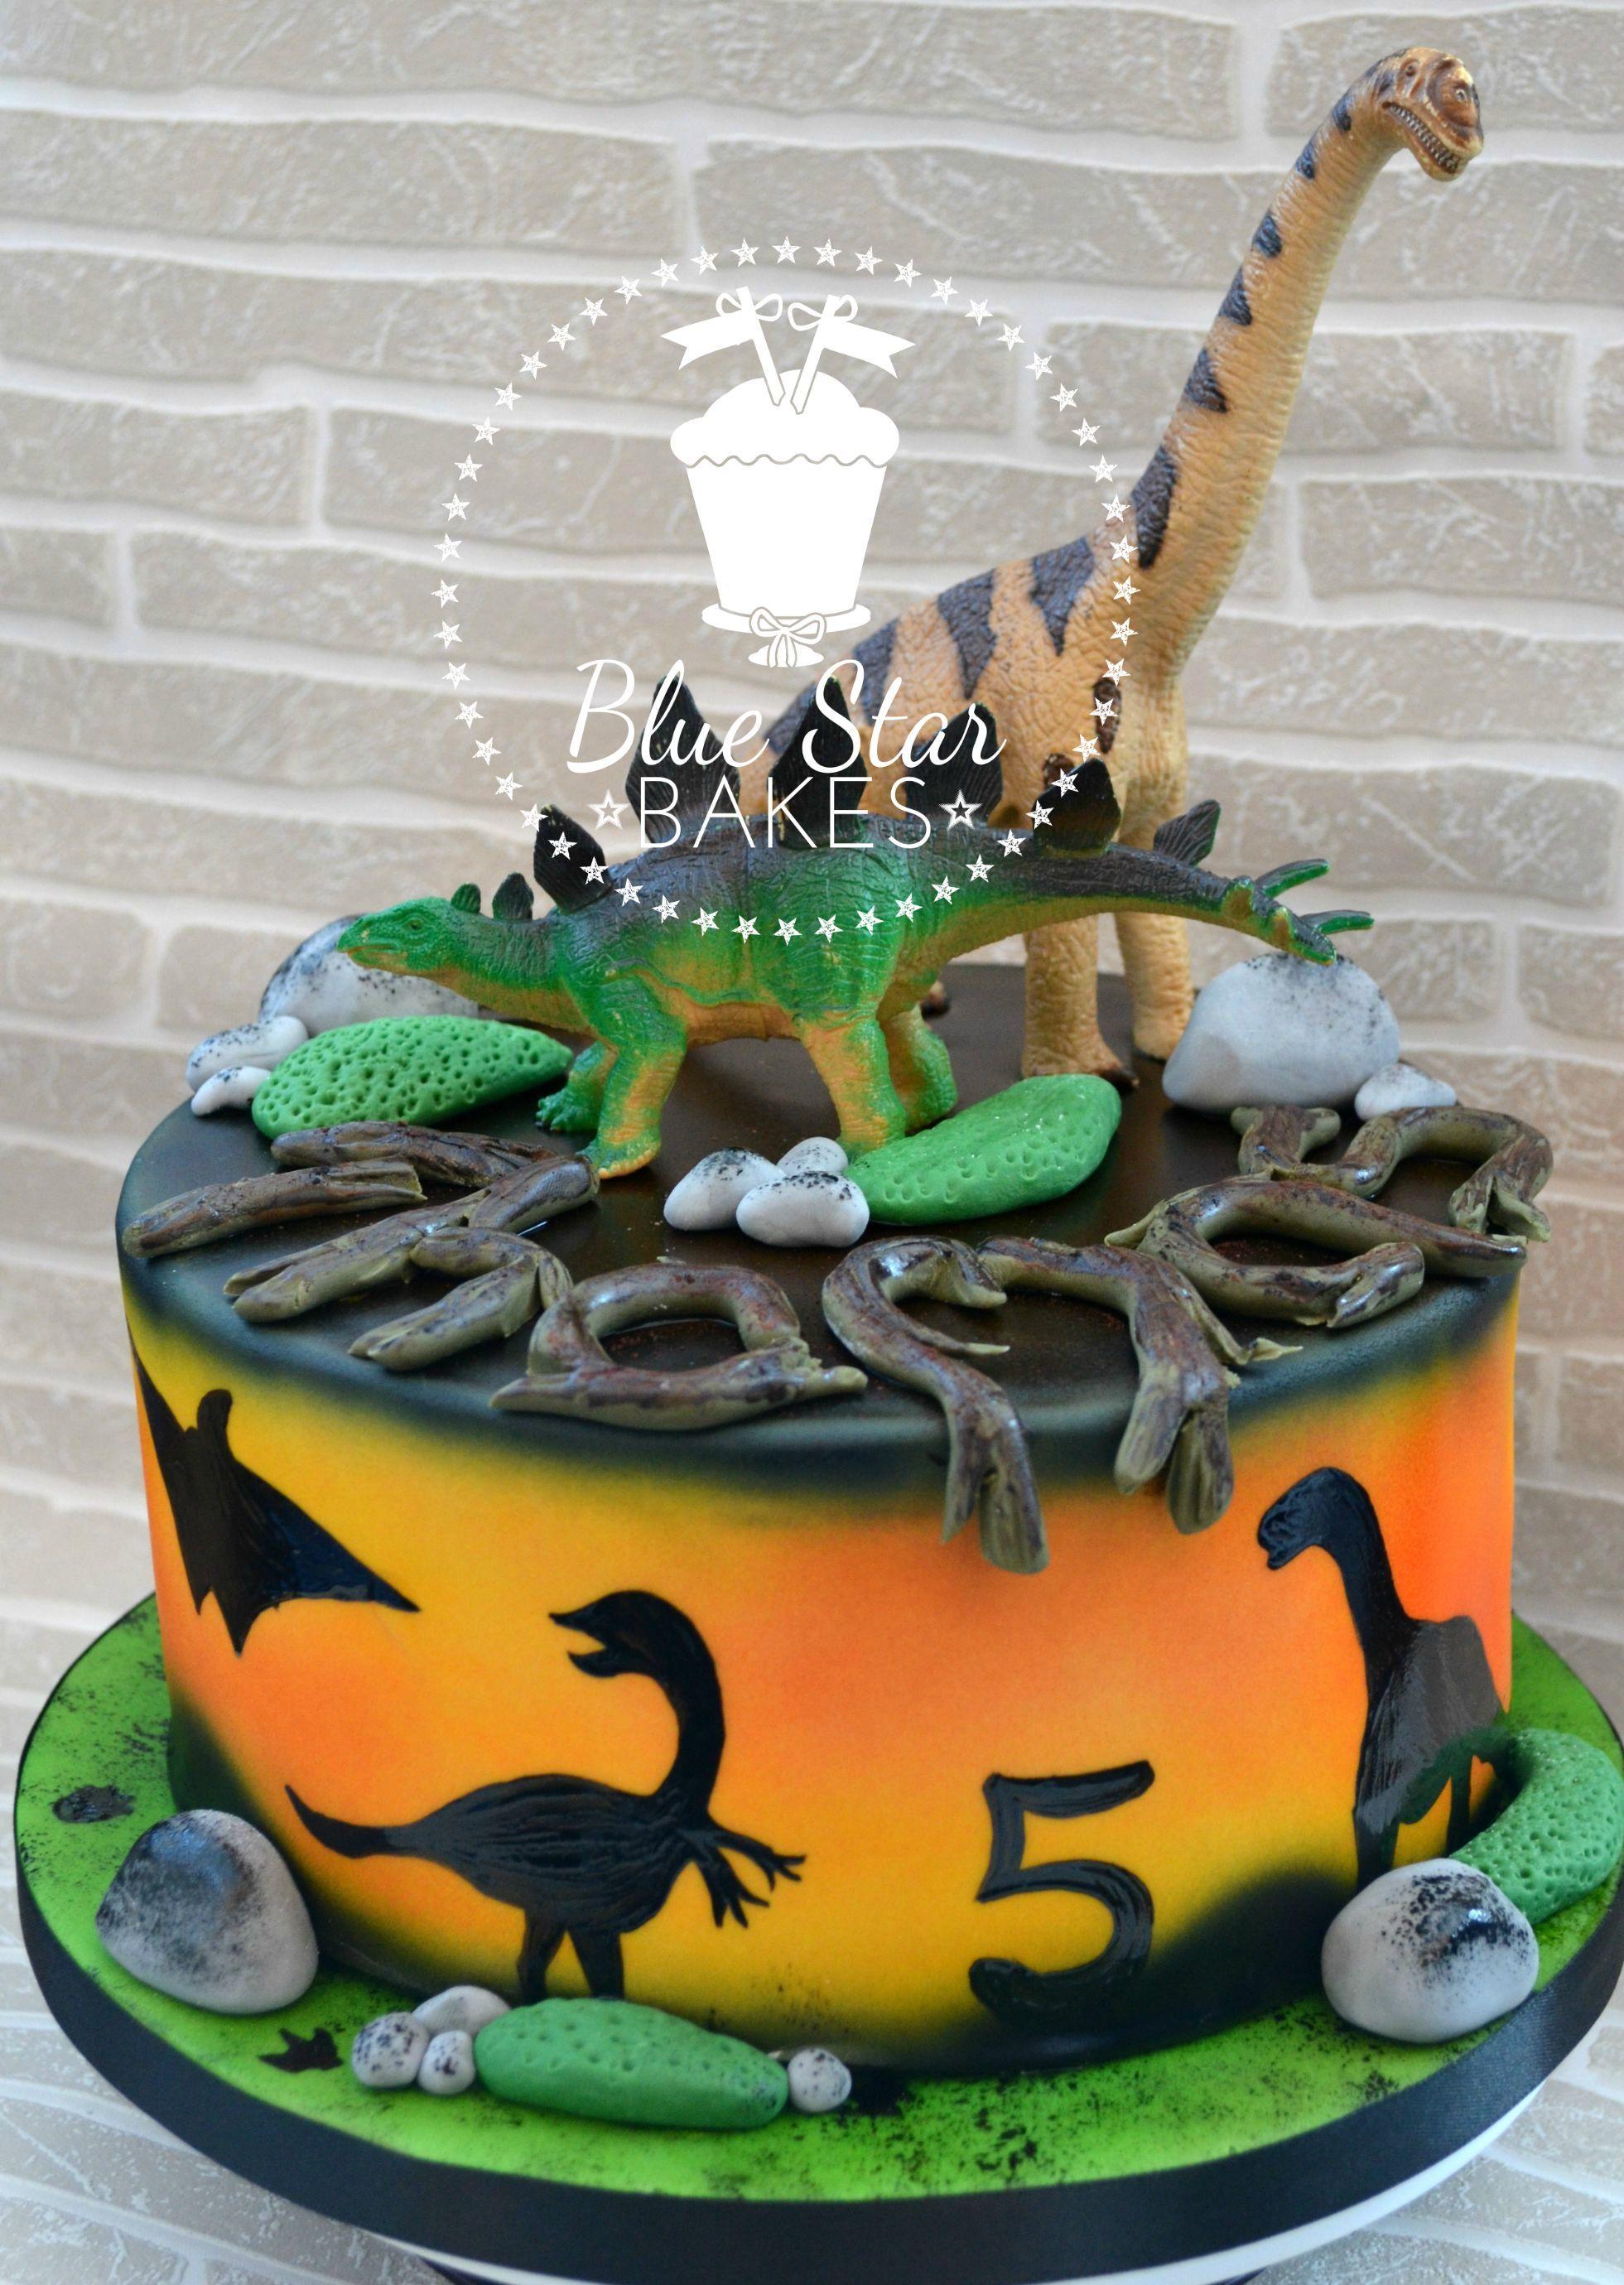 Dinosaur themed birthday cake from wwwbluestarbakescouk